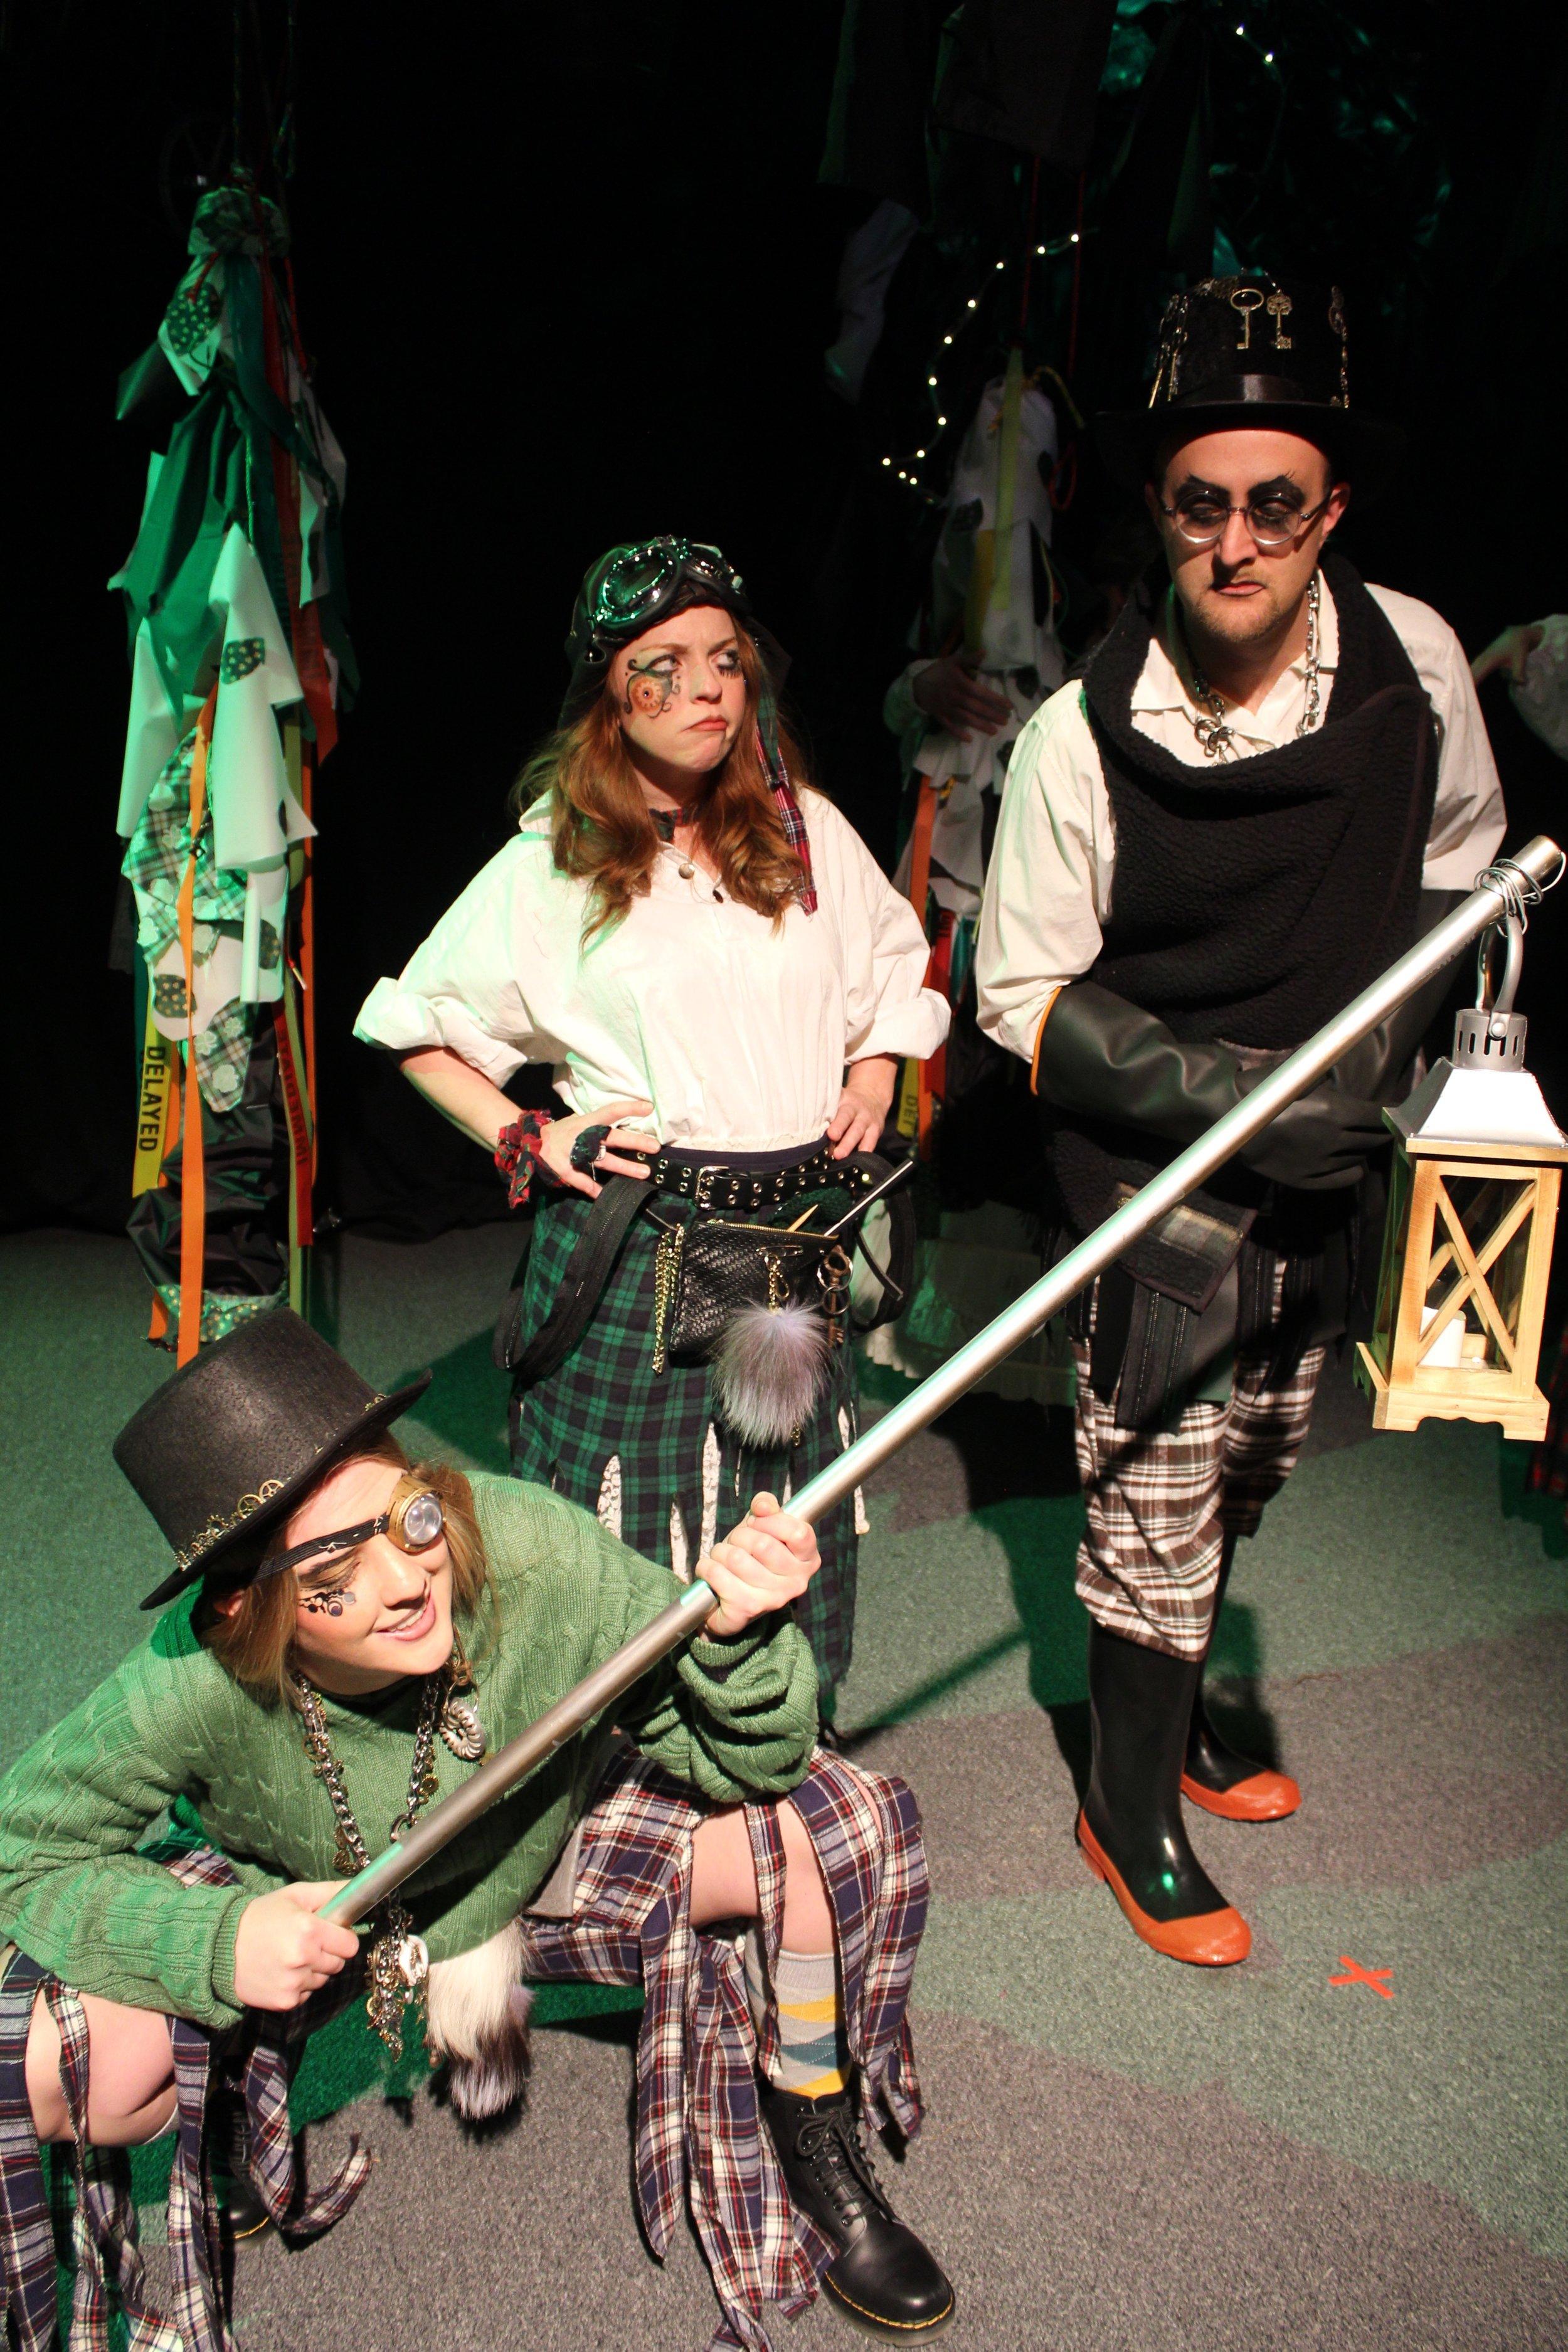 Hannah Carmichael as The Minion, Karin Carr as The Lass, and  Ryan Barnett as The Mischanter